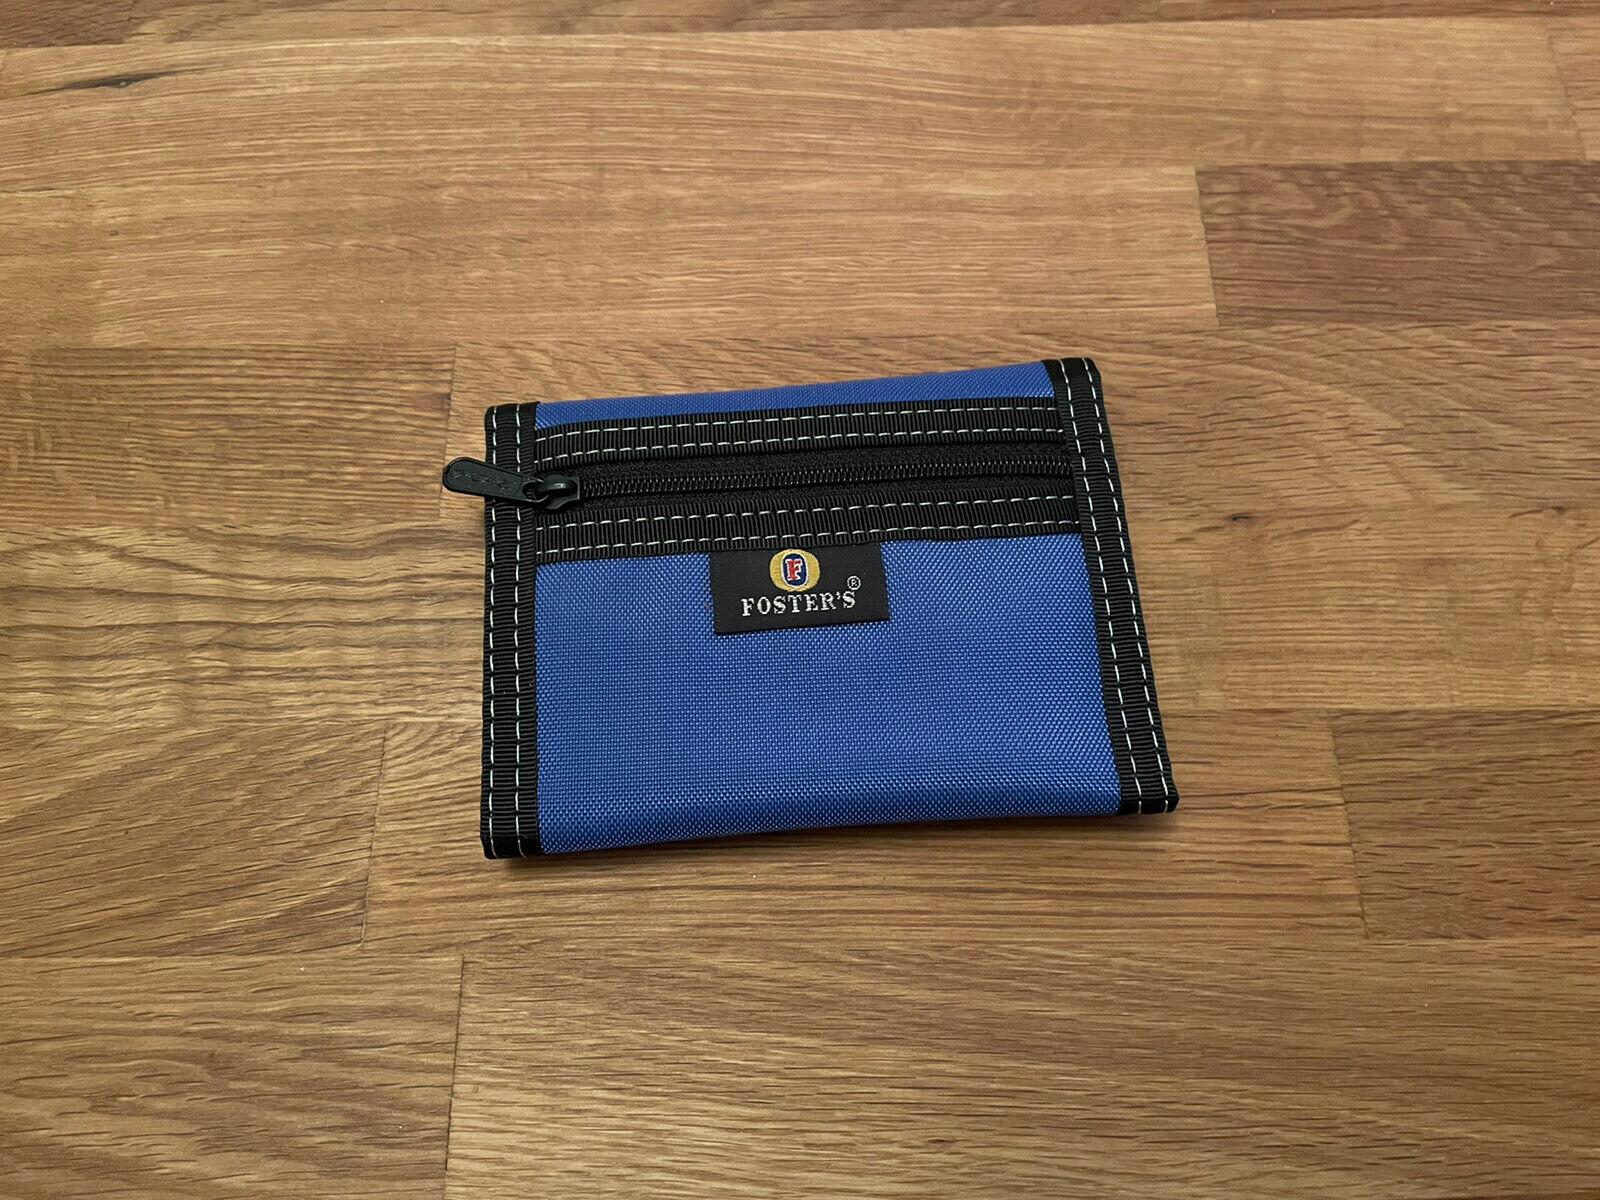 FOSTER'S Geldbörse / Portemonnaie von RIP CURL - neu - blau